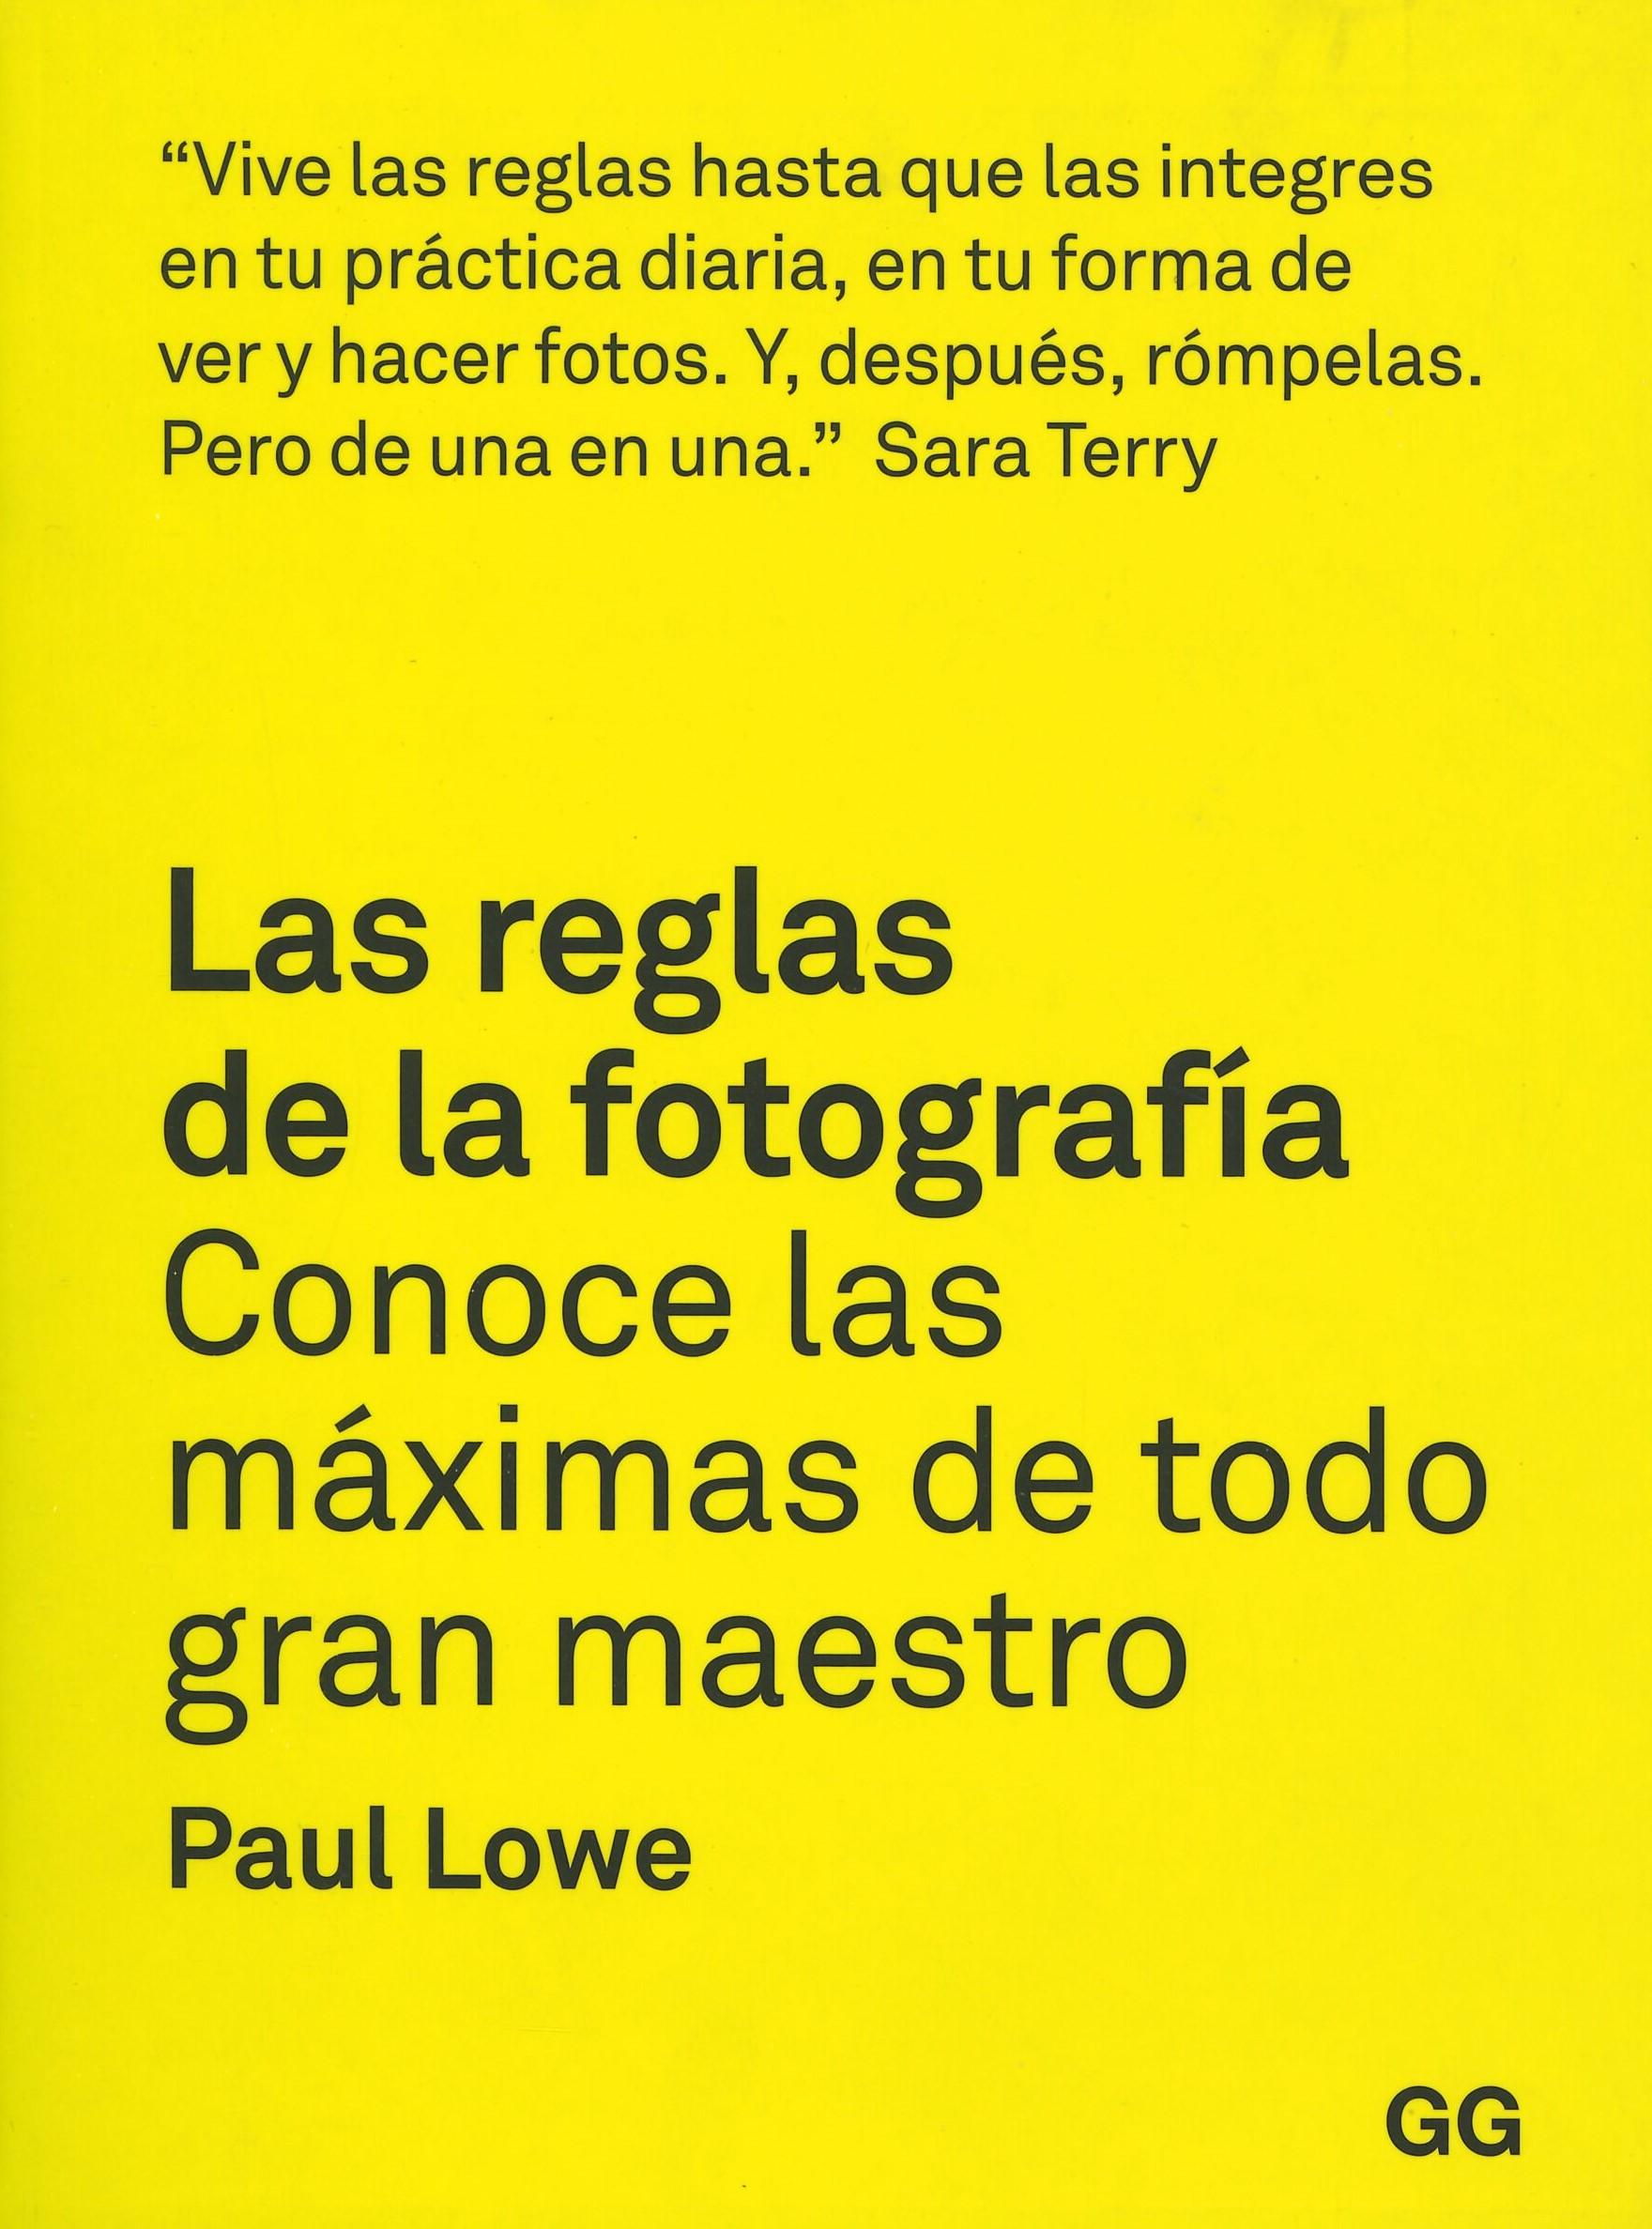 las_reglas_fotografia.jpg